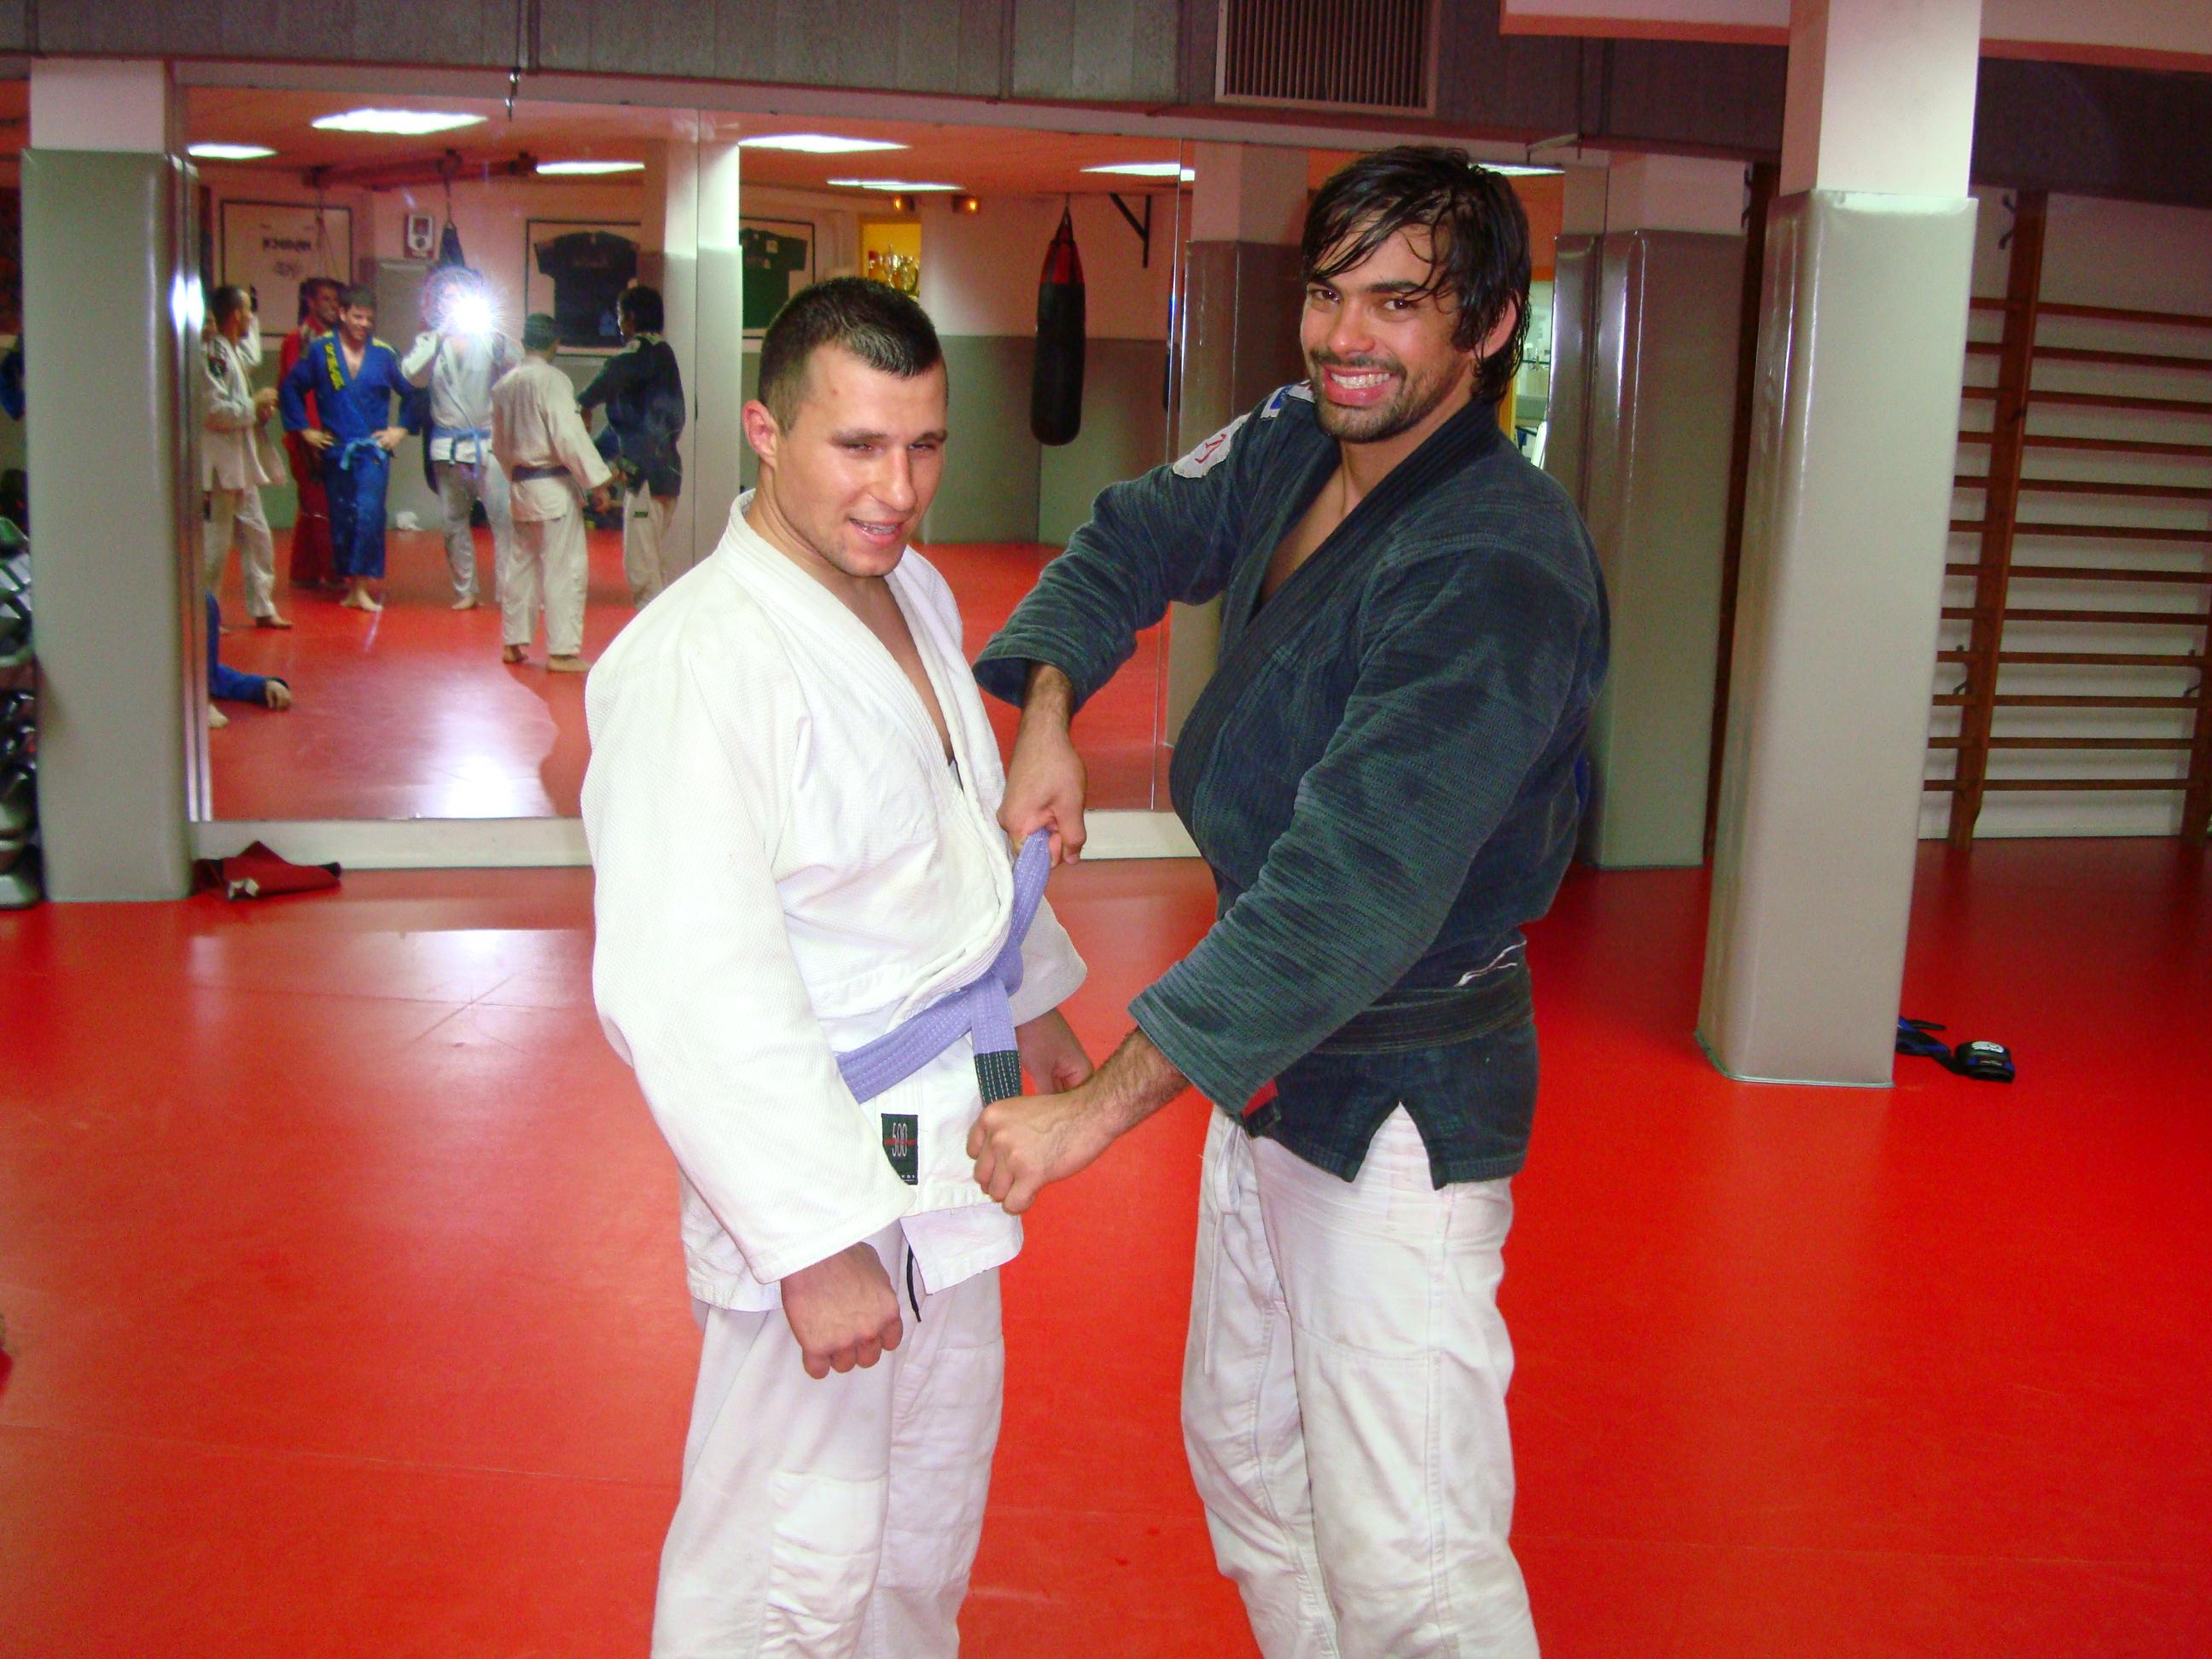 David Aranda recibiendo el cinturón morado